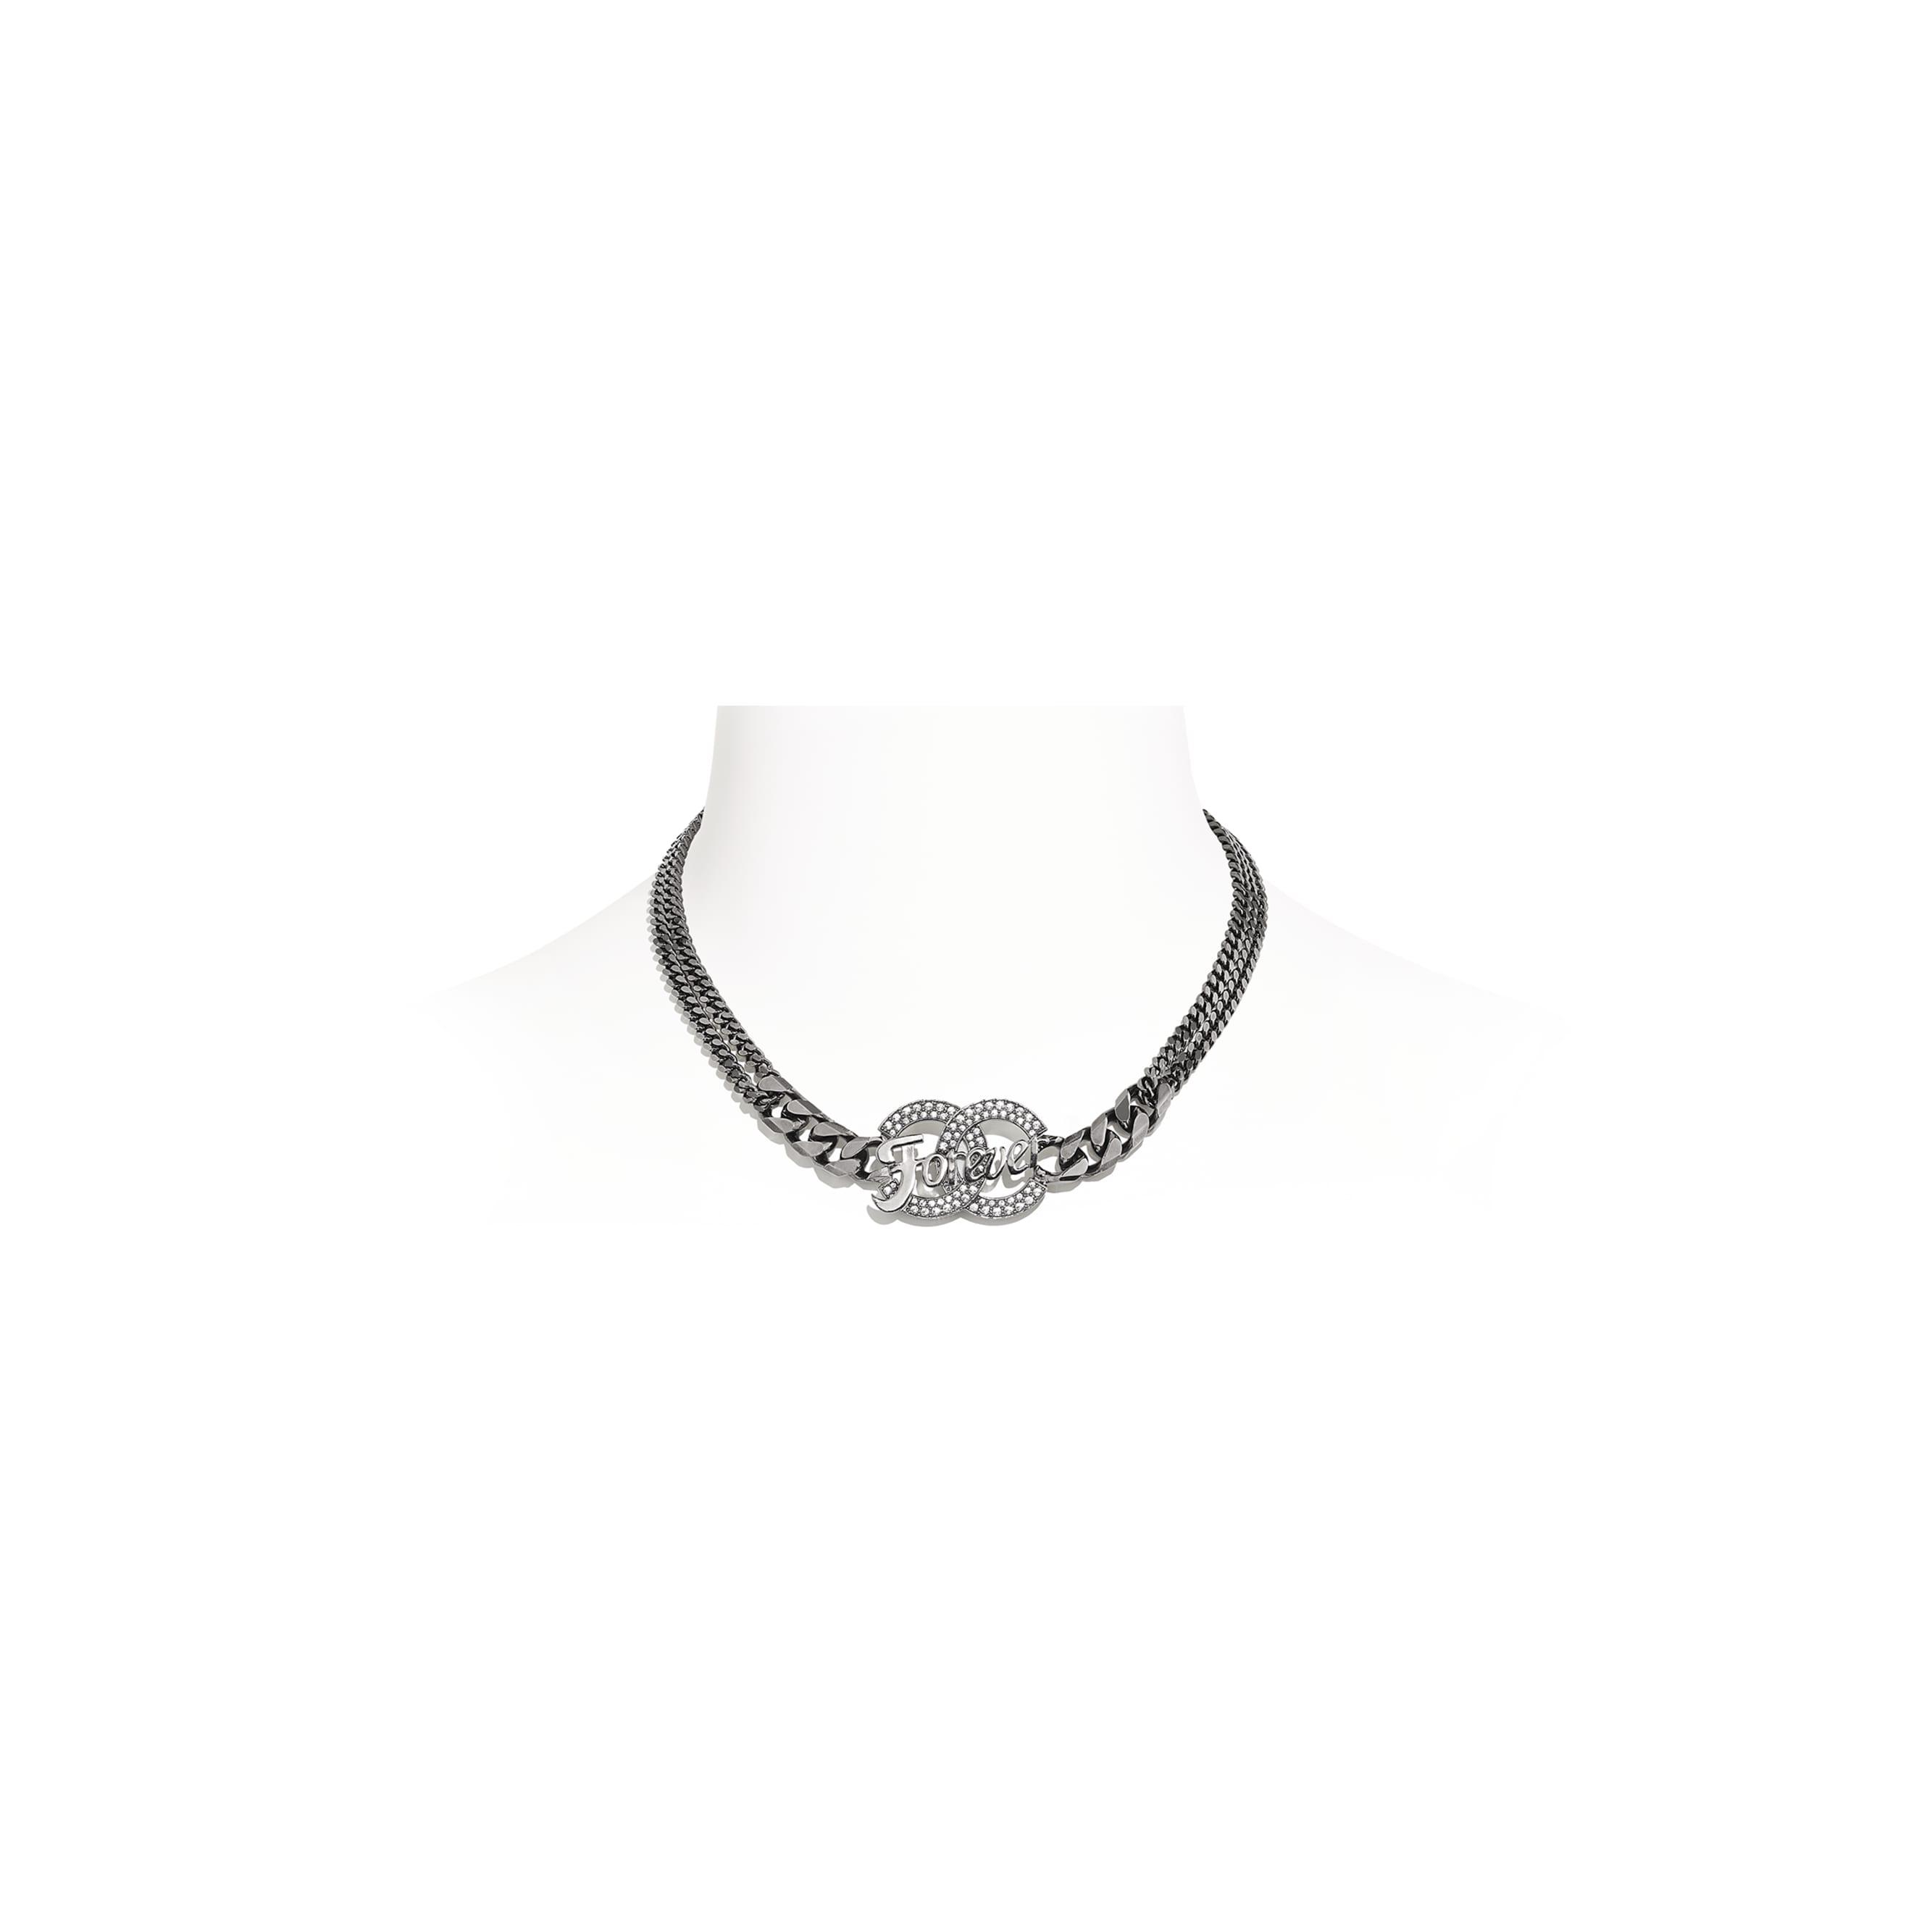 Halskette - Rutheniumfarben & Kristall - Metall & Strass - CHANEL - Standardansicht - Standardgröße anzeigen